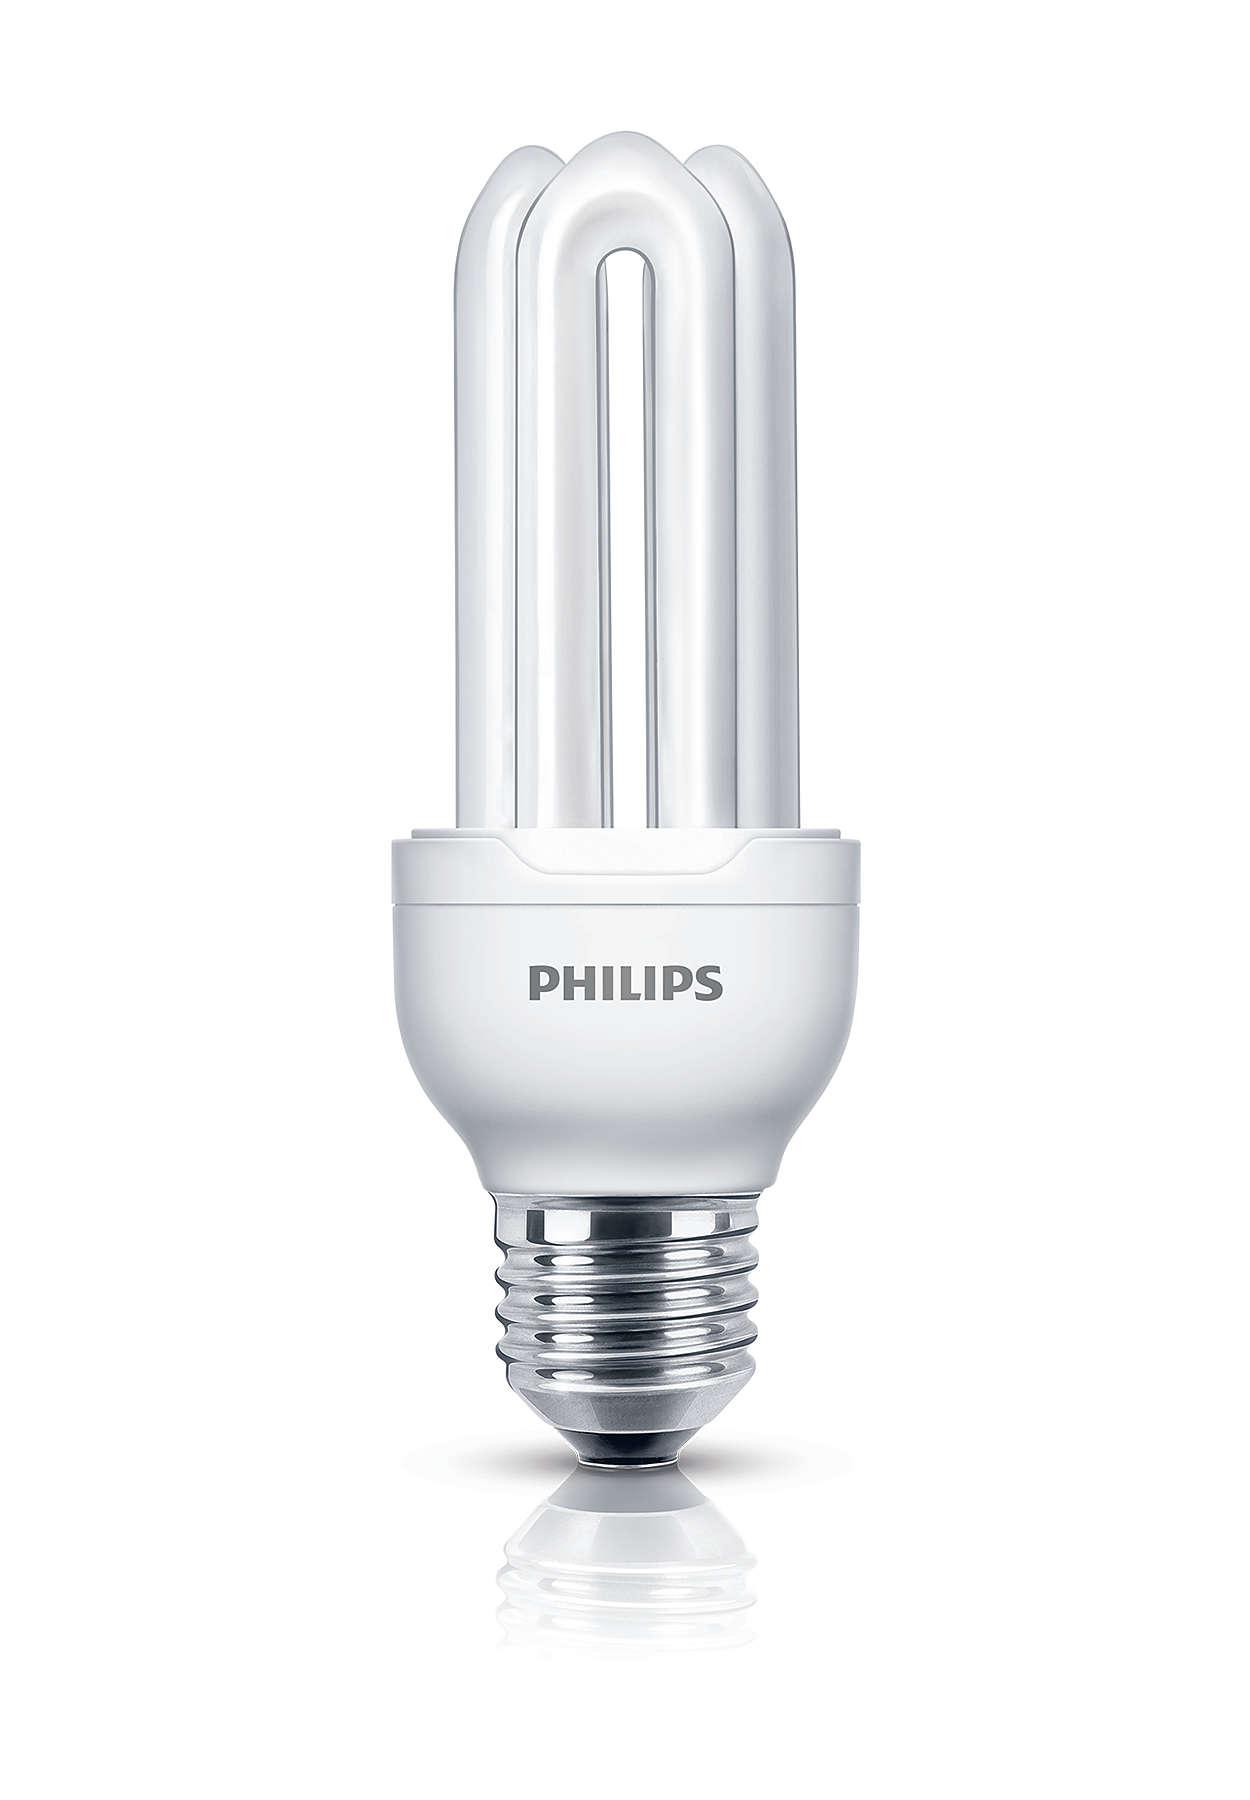 Mala, snažna, predivnog svjetla